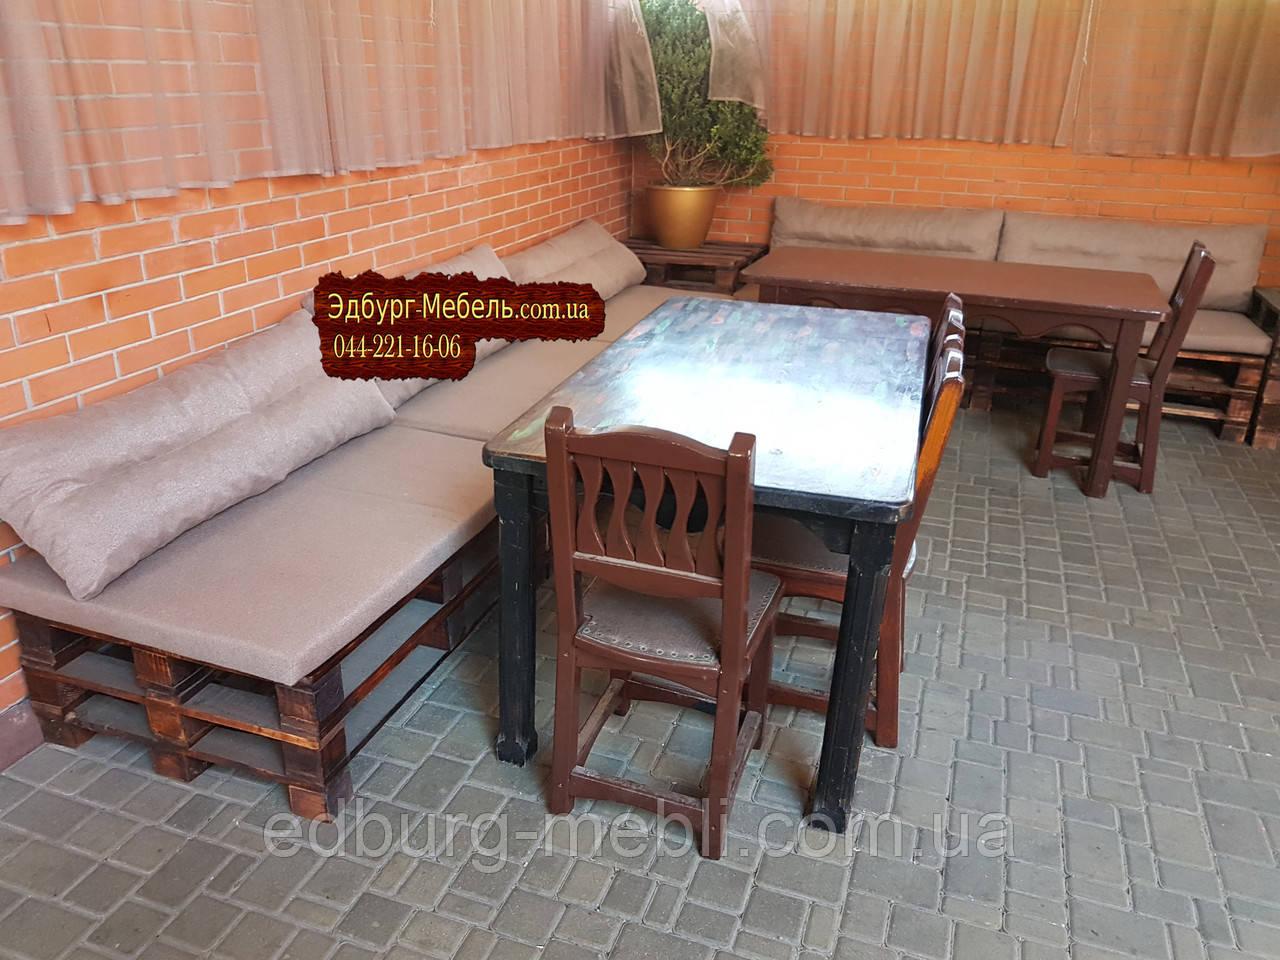 Подушки для меблів з піддонів